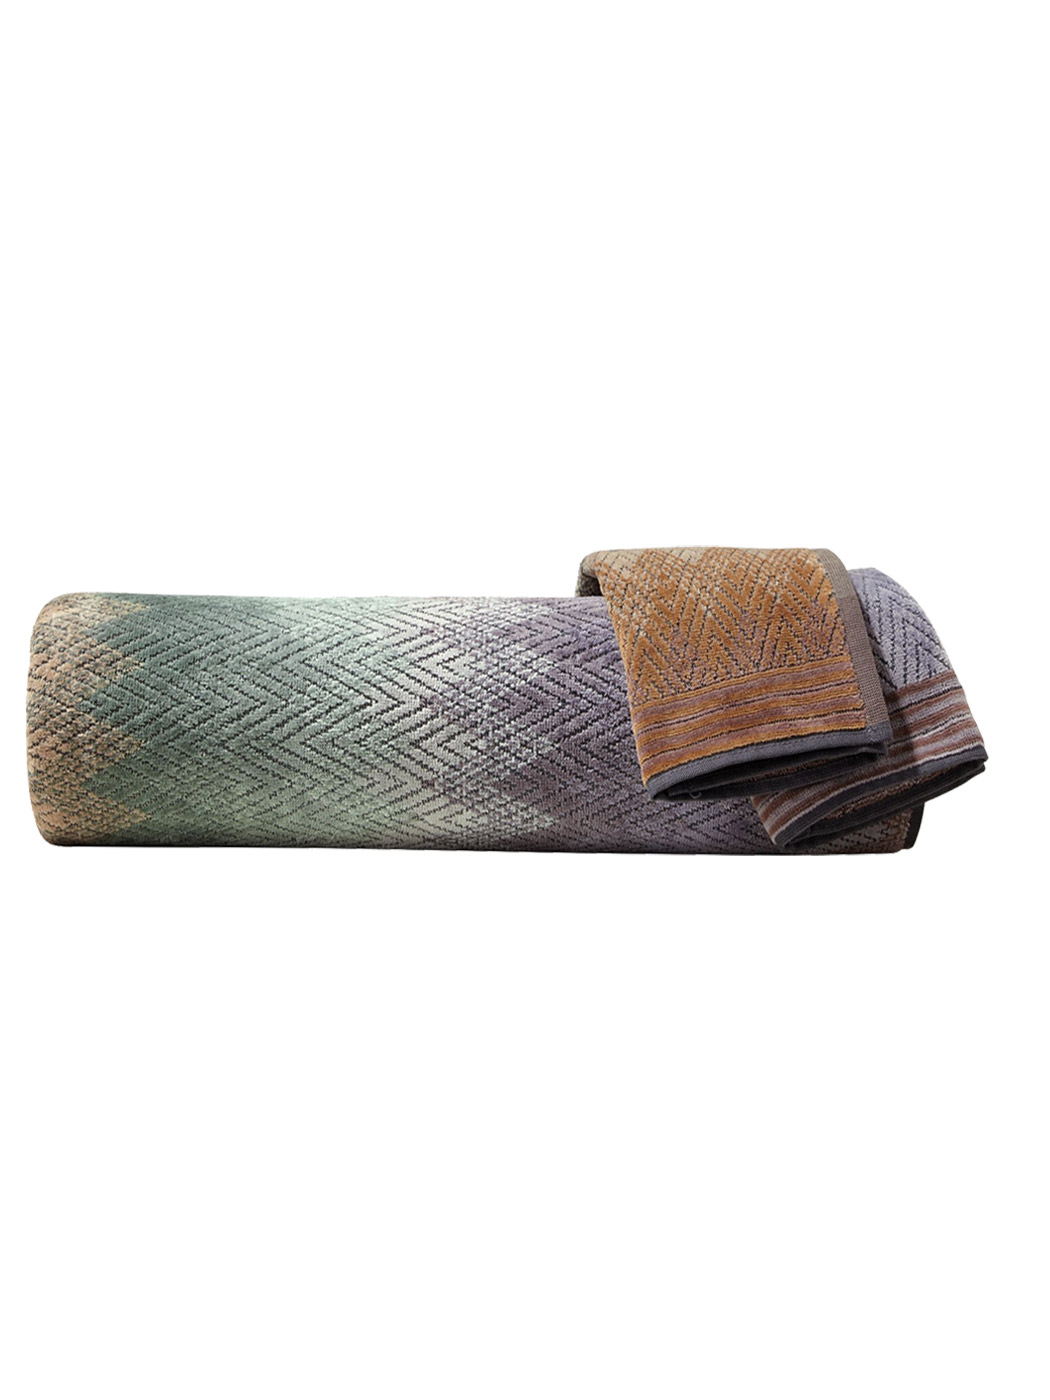 Yaco 165 Missoni Home Hand Towel